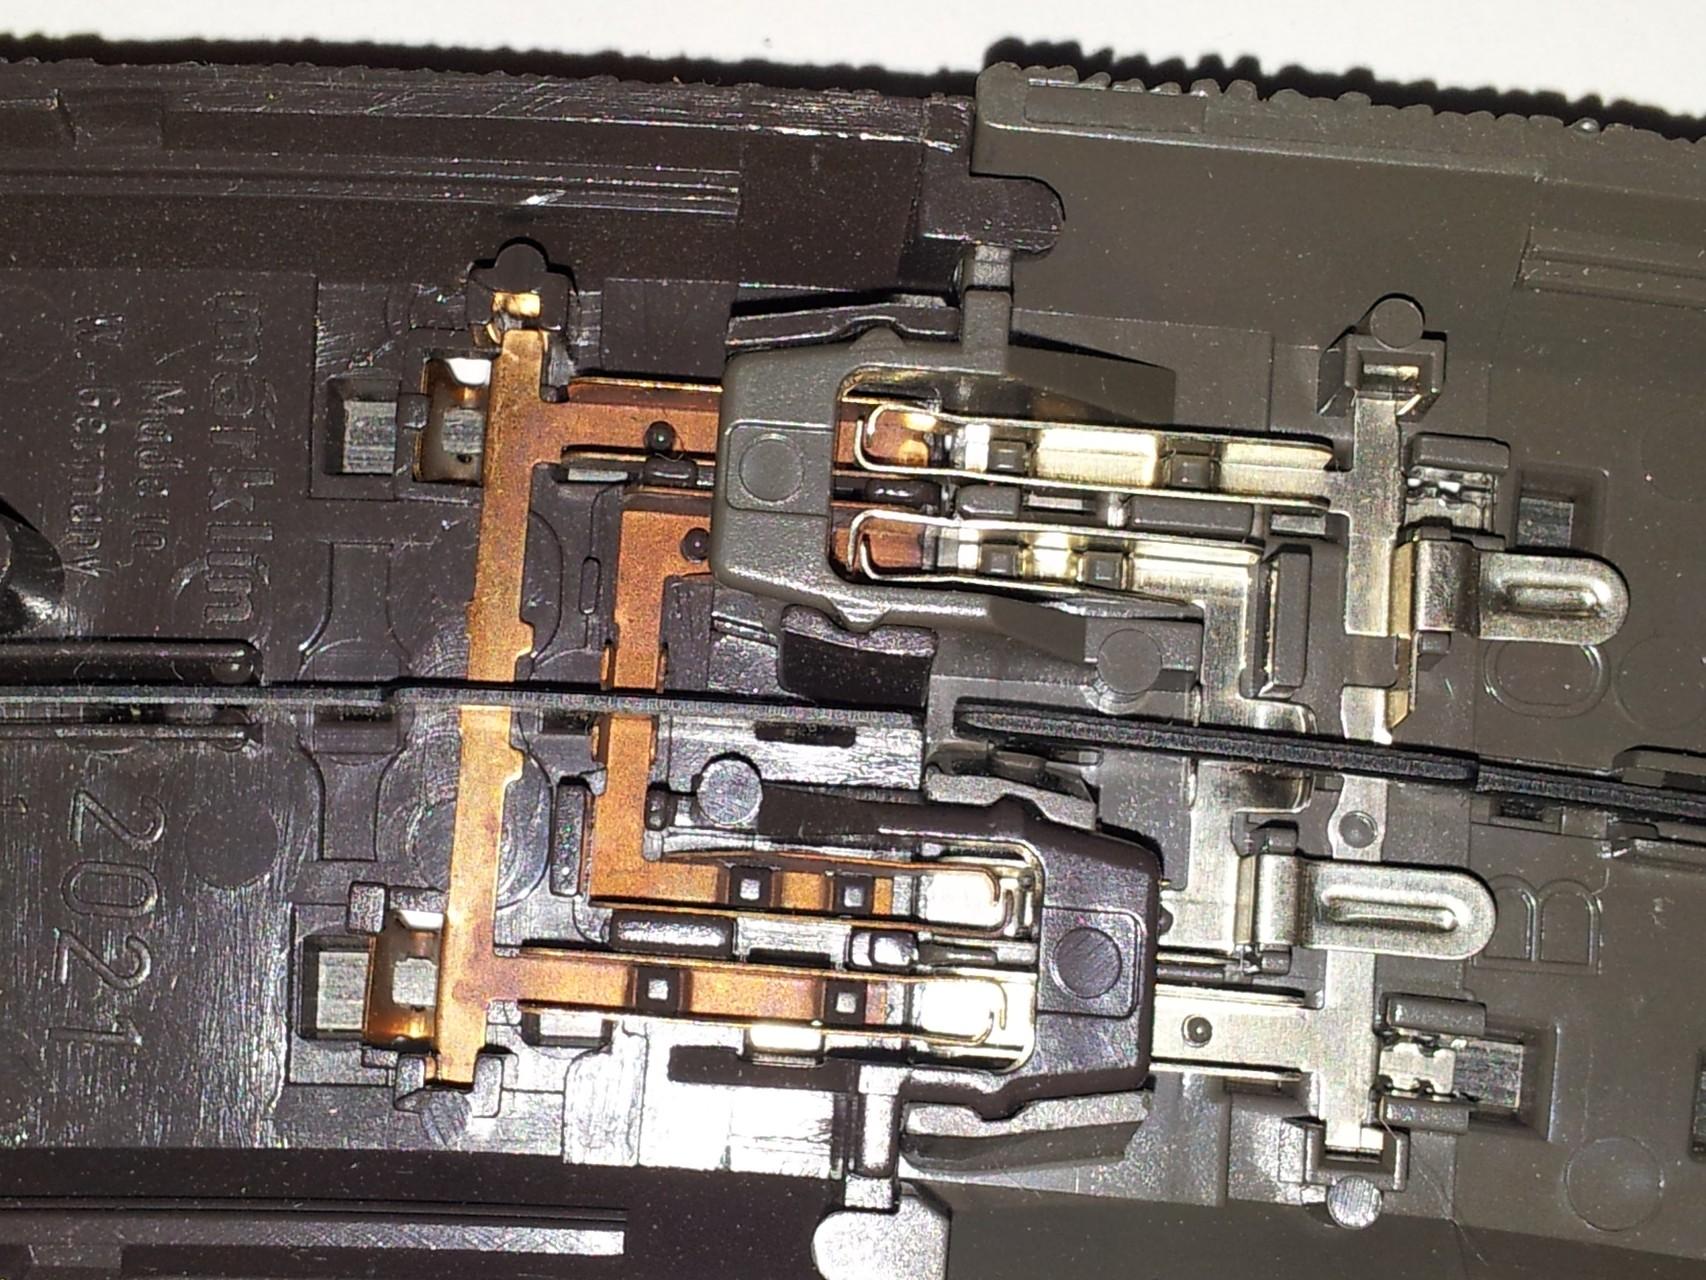 Die Verbindungen passen, nach einer kleinen Modifikation des C-Gleises, perfekt zusammen.  Grund der Modifikation ist eine kleine Nase die das C-Gleis hat aber das Alpha-Gleis nicht